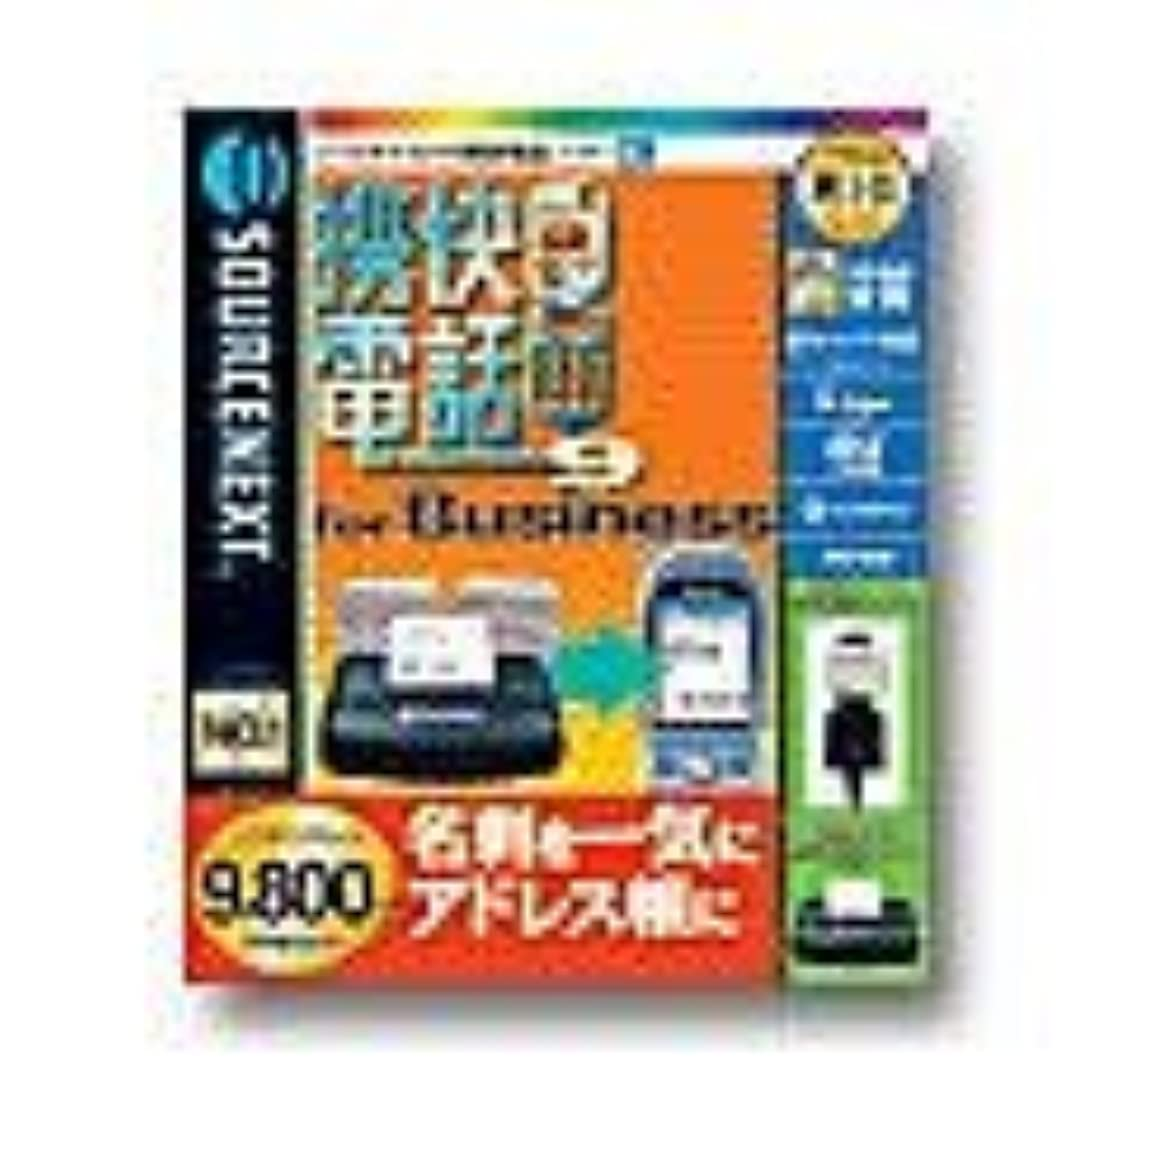 カメ甘くするアーティキュレーション携快電話 9 for Business 全キャリア対応 USBコード?専用USBスキャナ付き